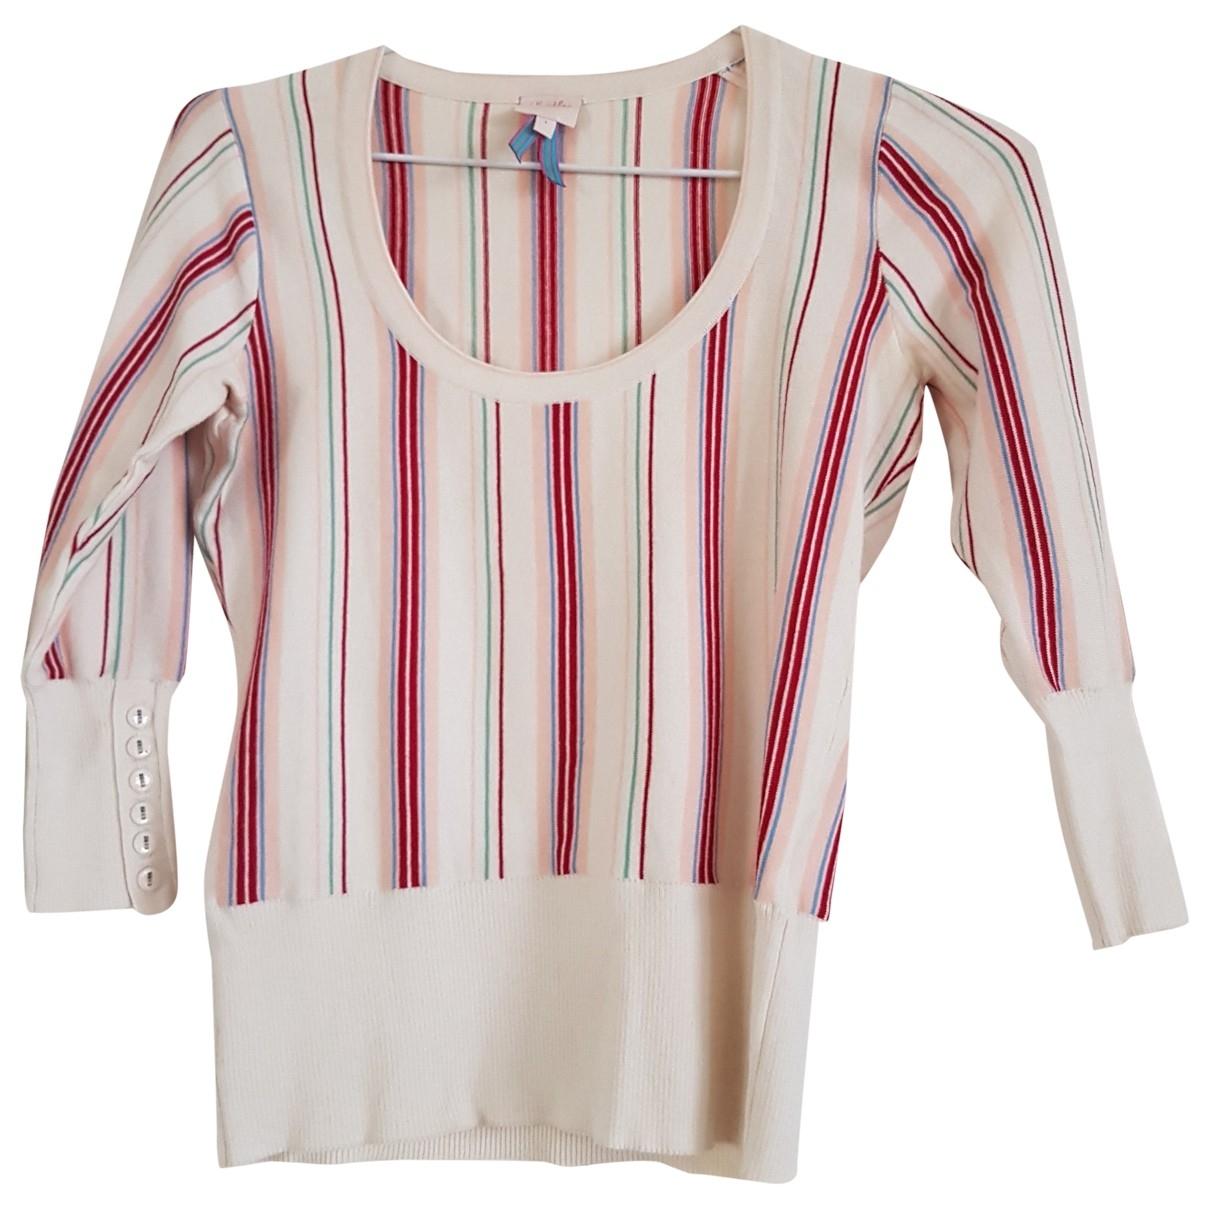 Whistles - Pull   pour femme en coton - multicolore